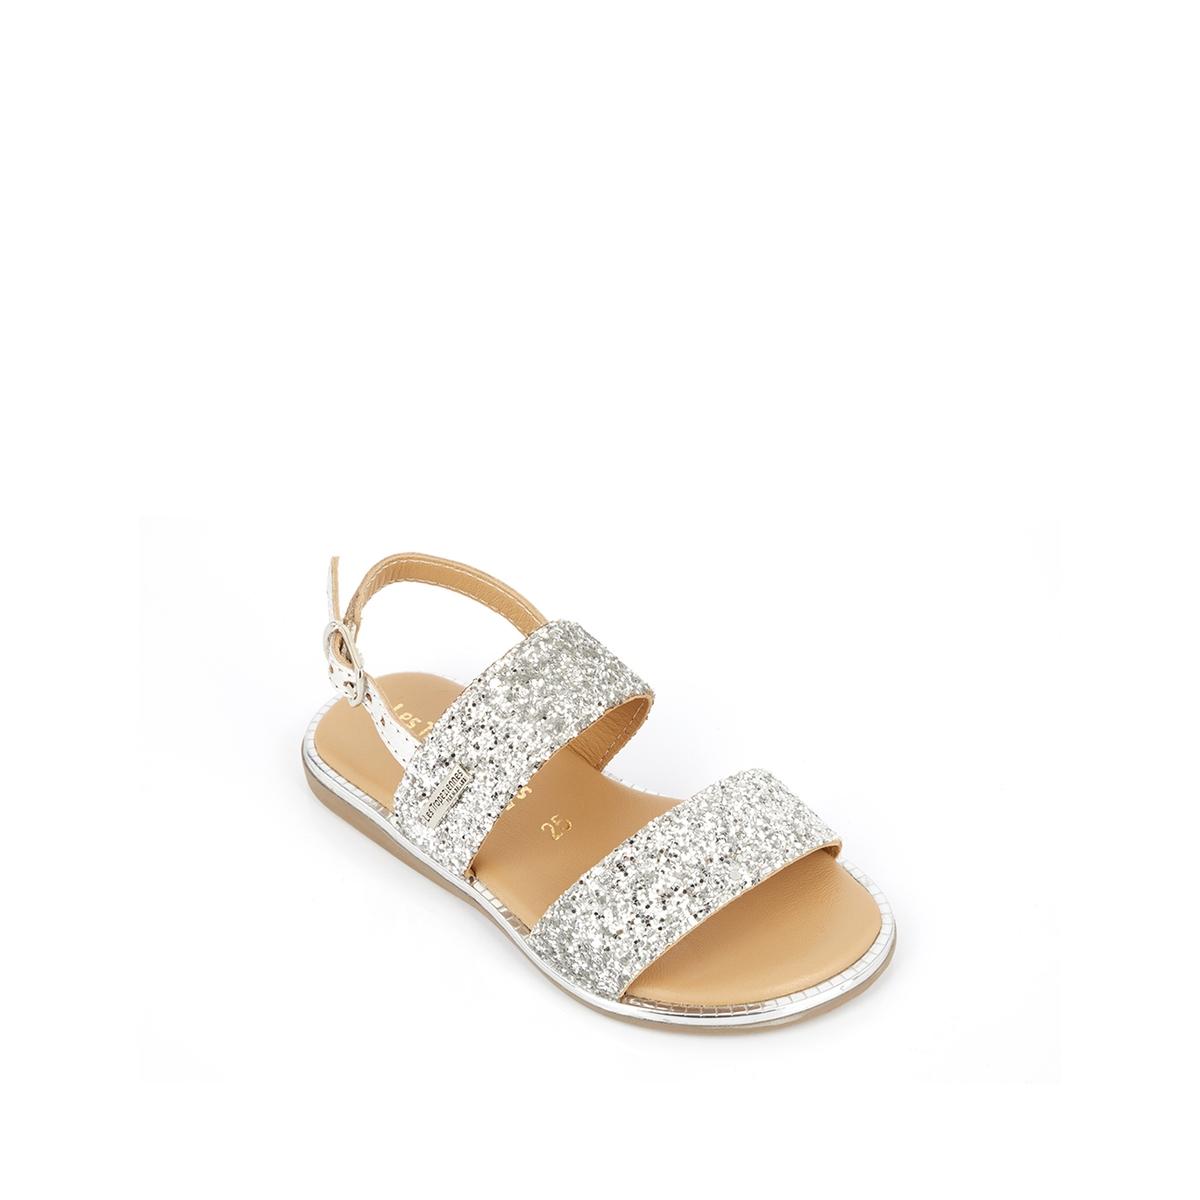 An image of Les Tropeziennes Par M Belarbi Kids Iena Leather Sandals